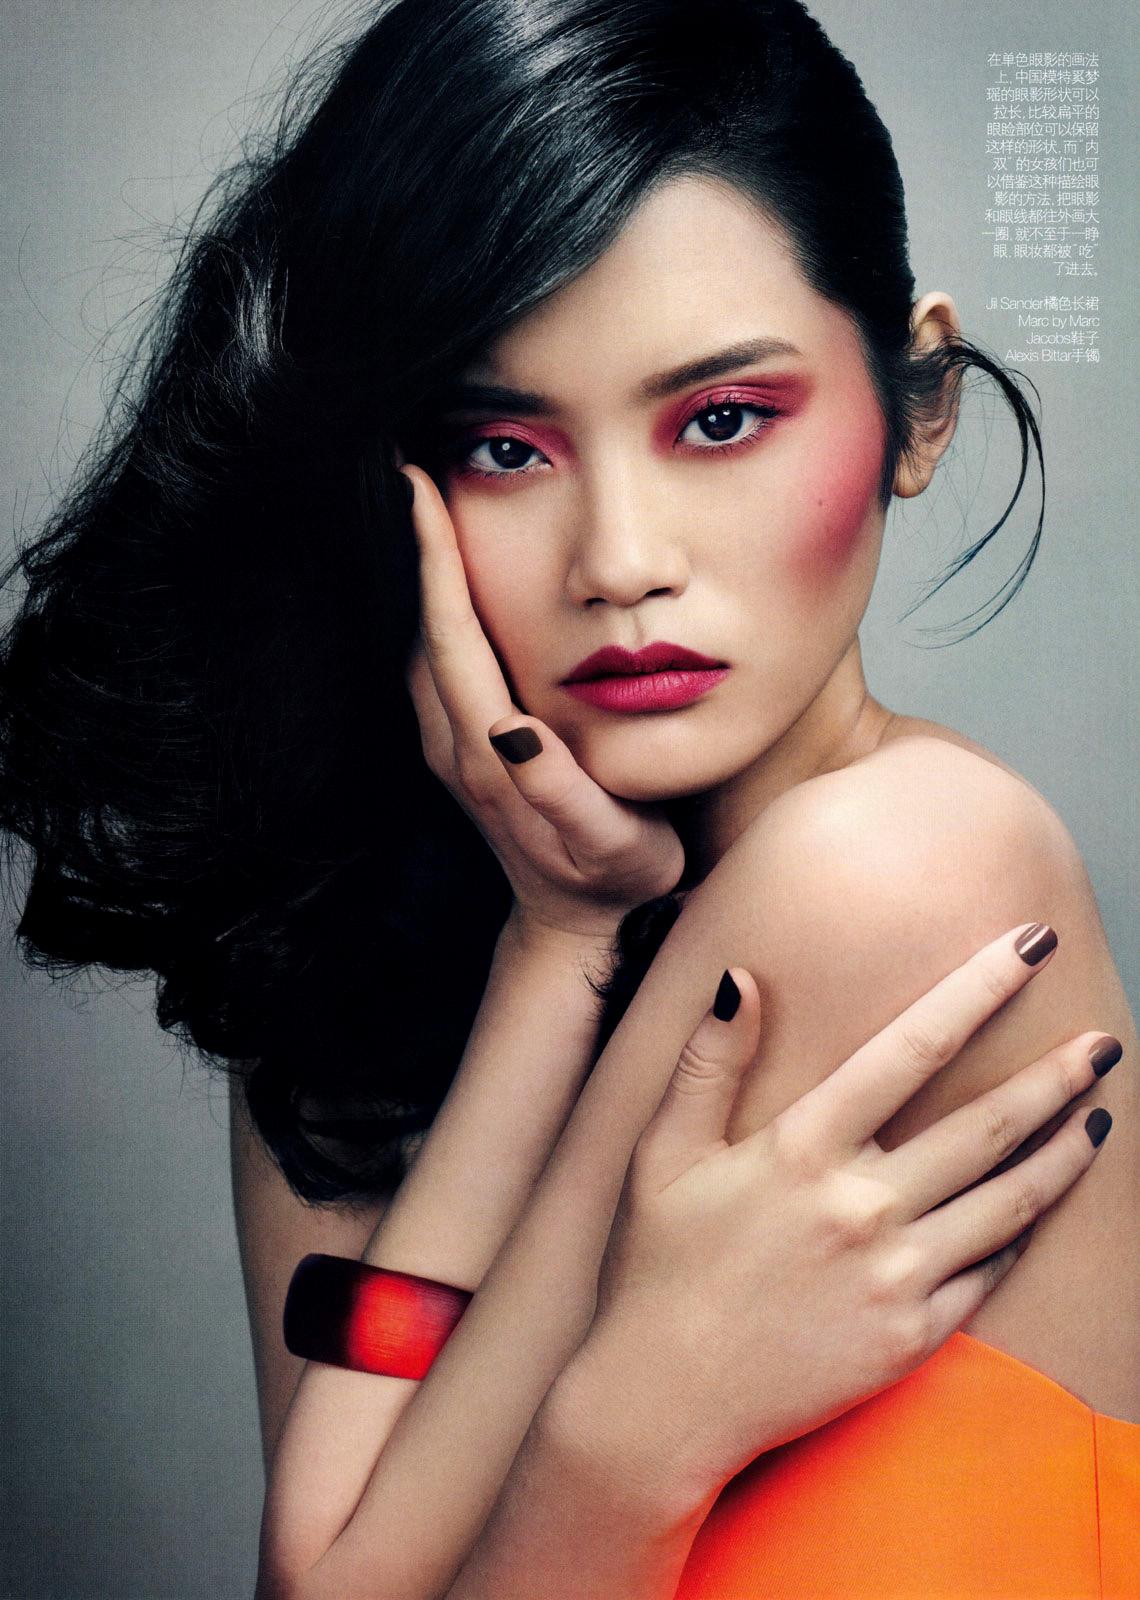 Модели азиатской внешности москва социальная работа девушка модель россии